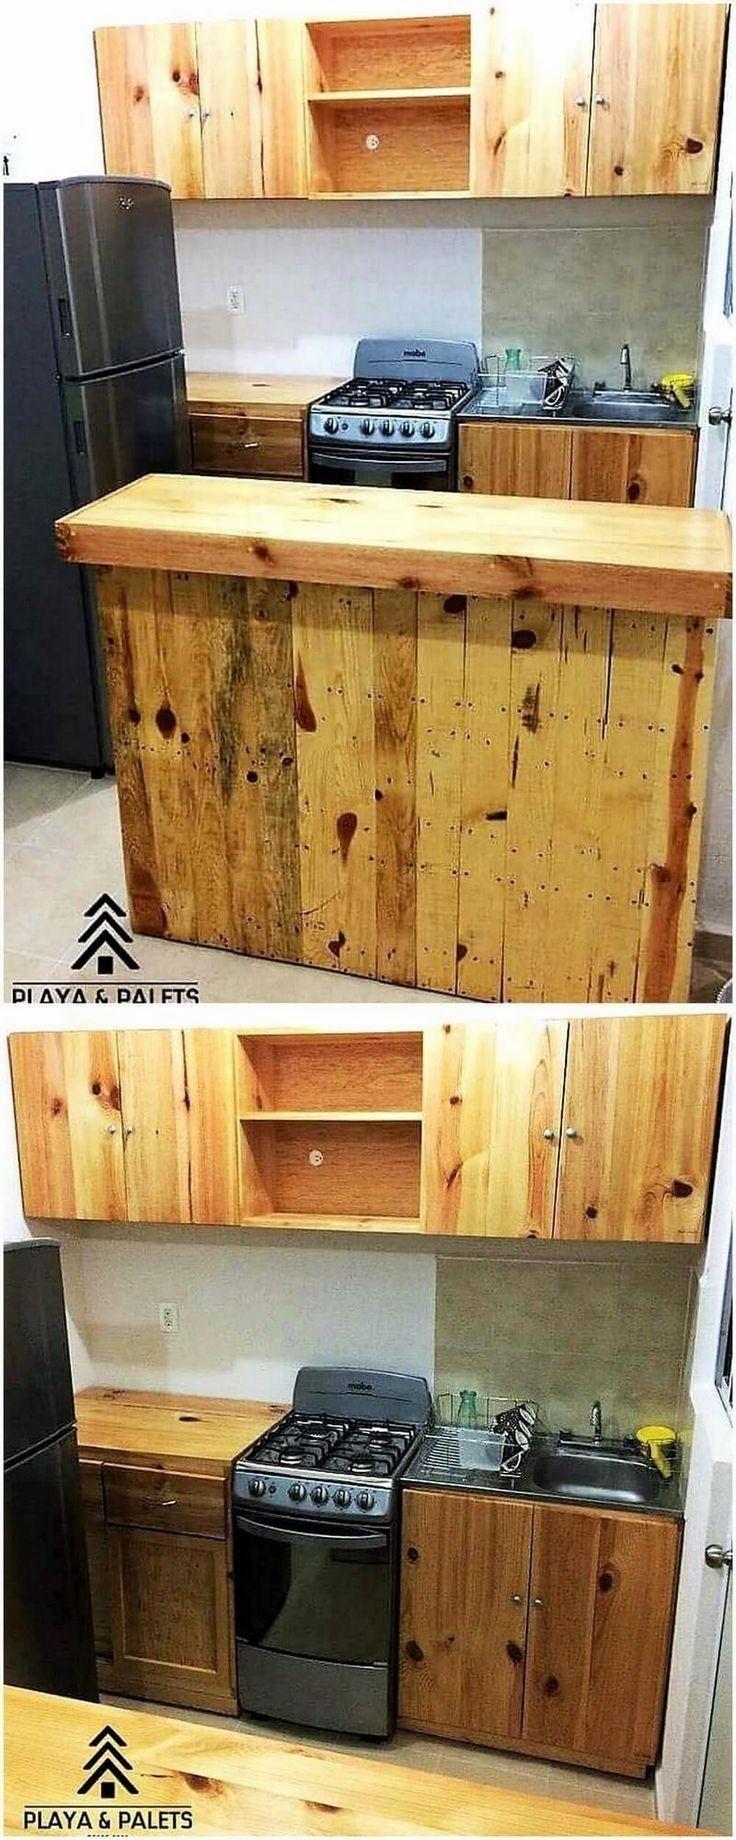 Kitchen Diy Pallet Design Ideas Diy Kitchen Kitchen Design